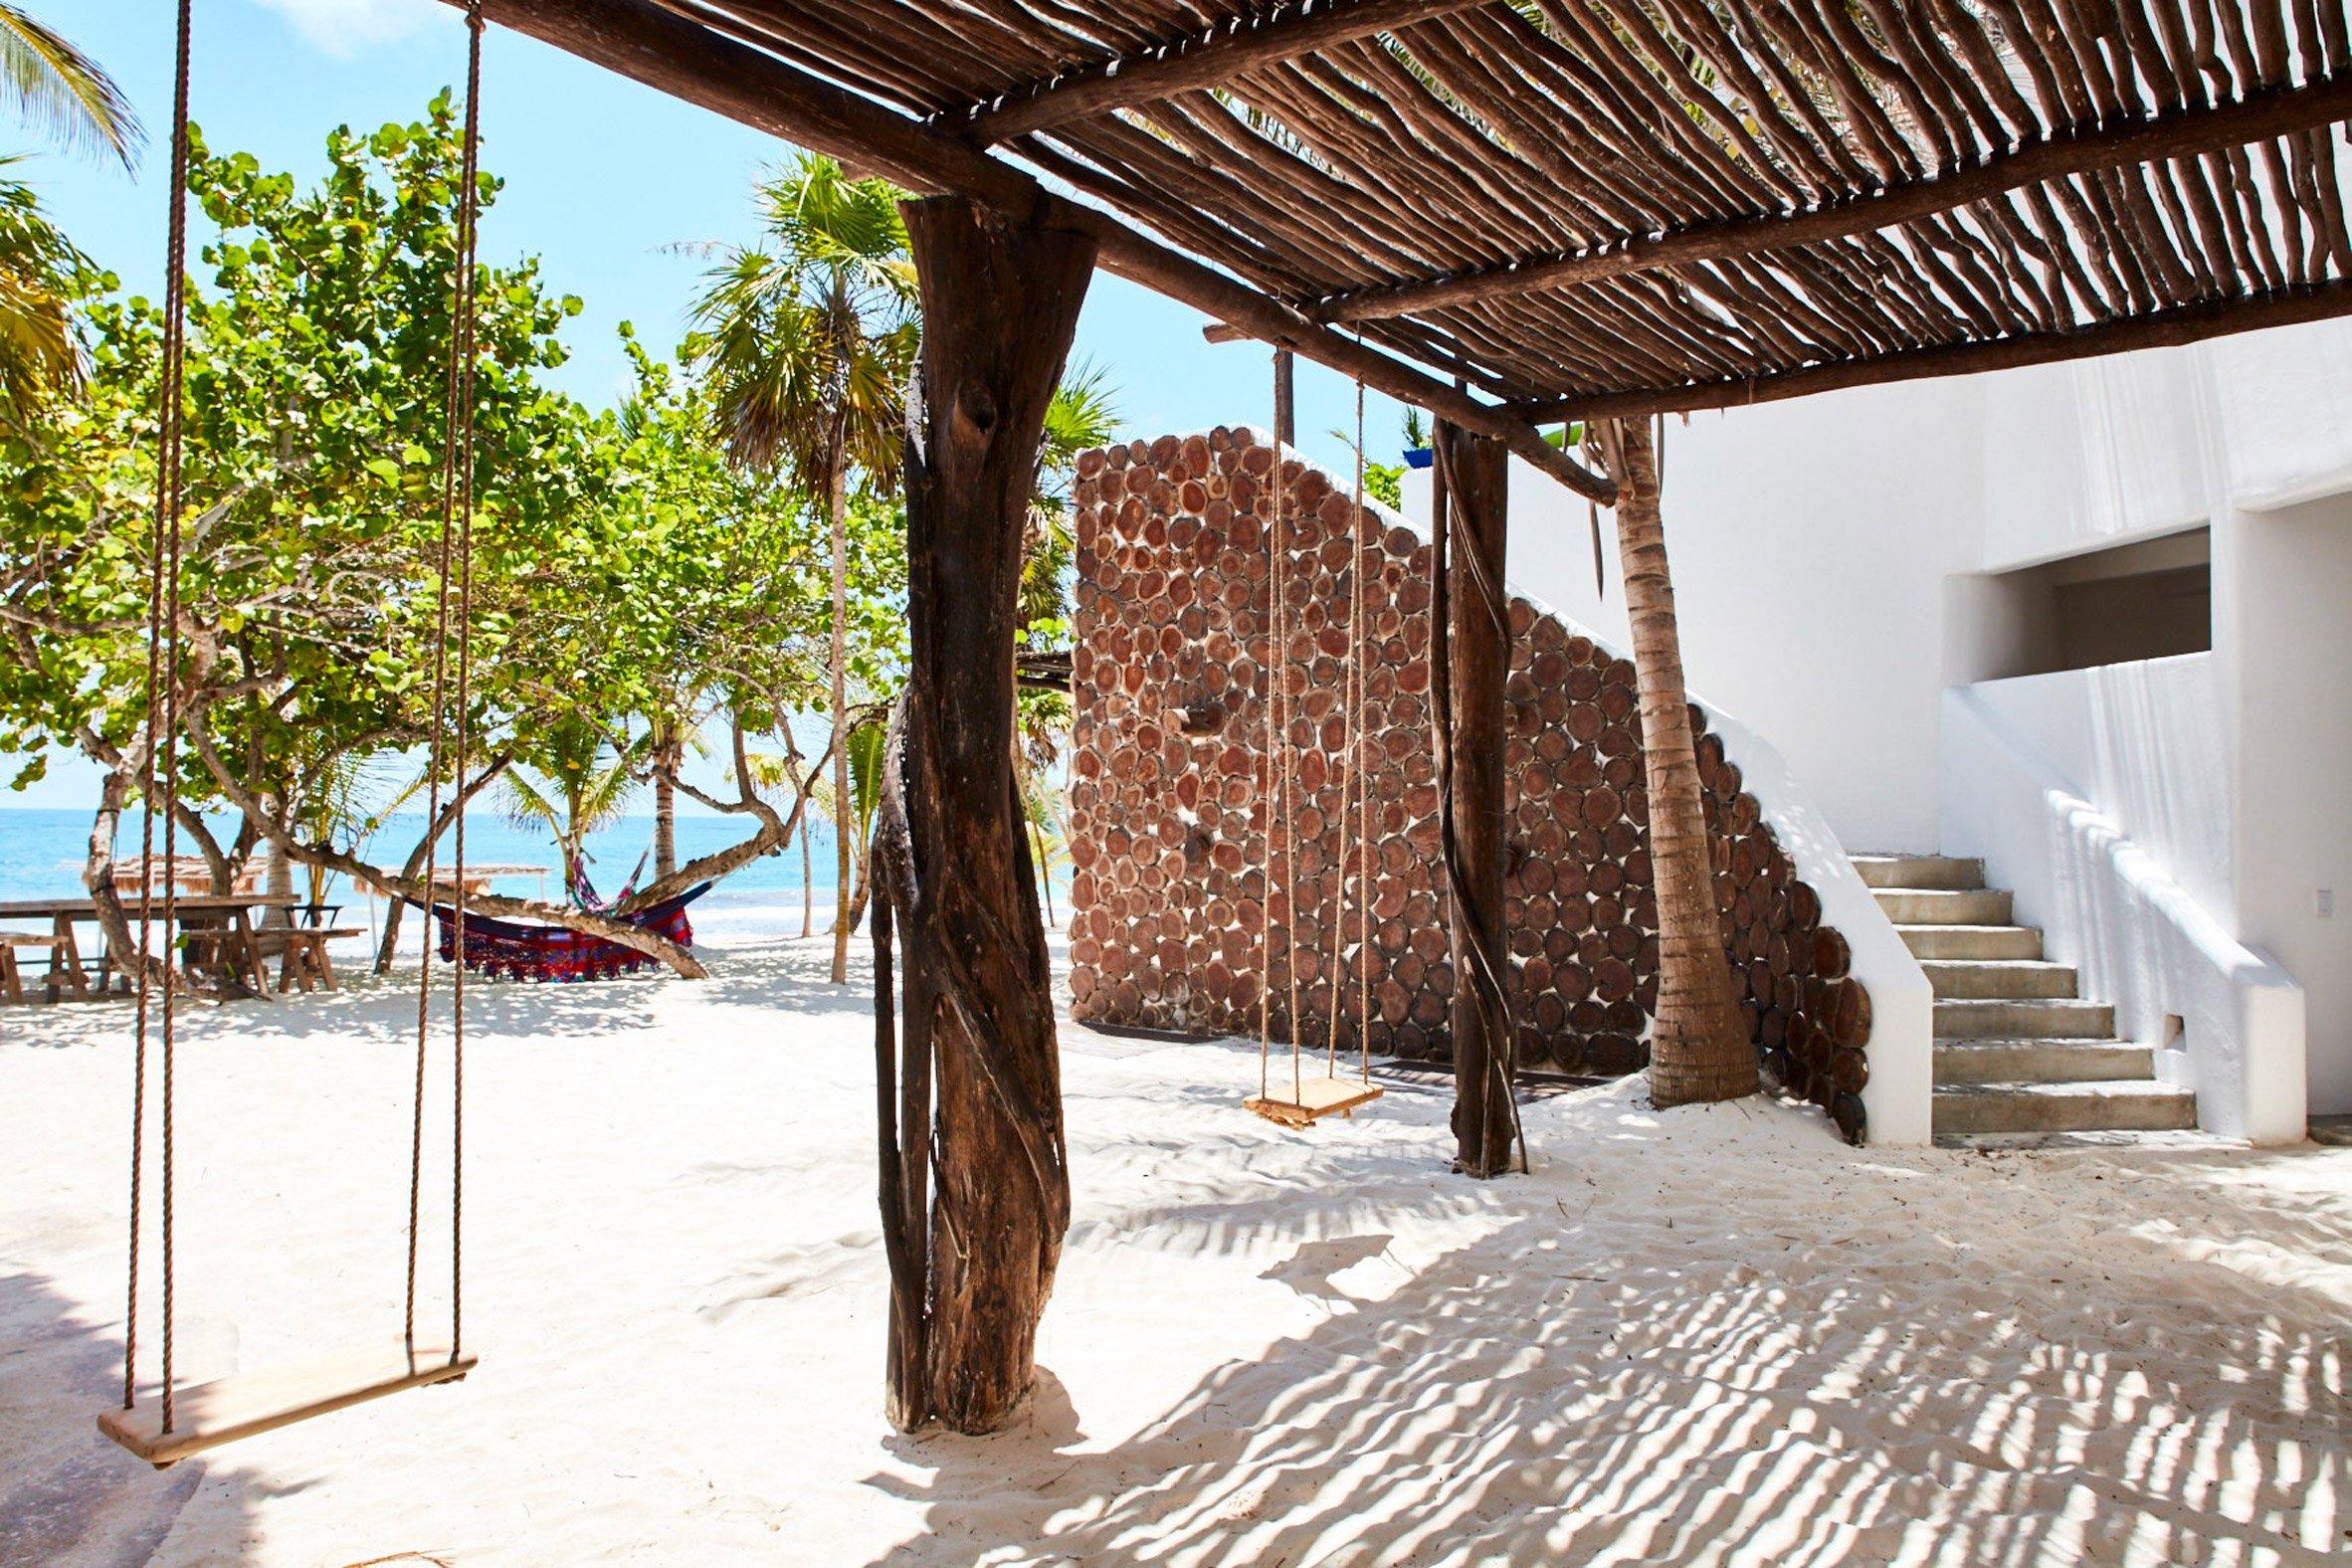 casa-malca-architecture-hotels-mexico_dezeen_2364_col_18-2.jpg